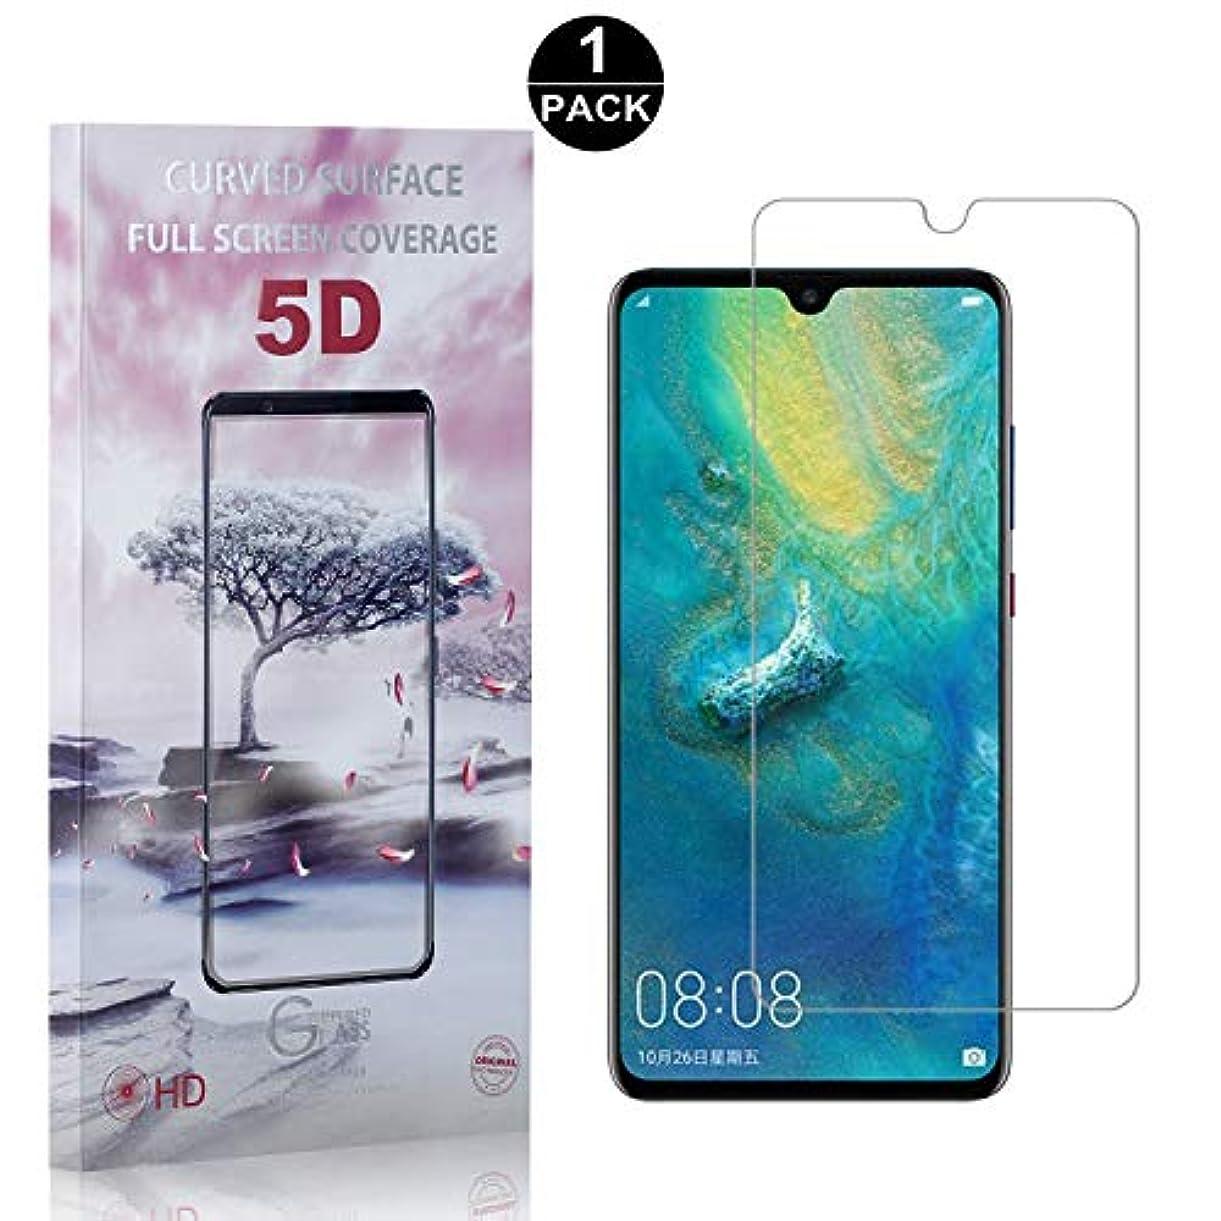 浜辺ほかに電卓【1枚セット】 Huawei Mate 20 硬度9H ガラスフィルム CUNUS Huawei Mate 20 専用設計 強化ガラスフィルム 高透明度で 99%透過率 気泡防止 耐衝撃 超薄 液晶保護フィルム